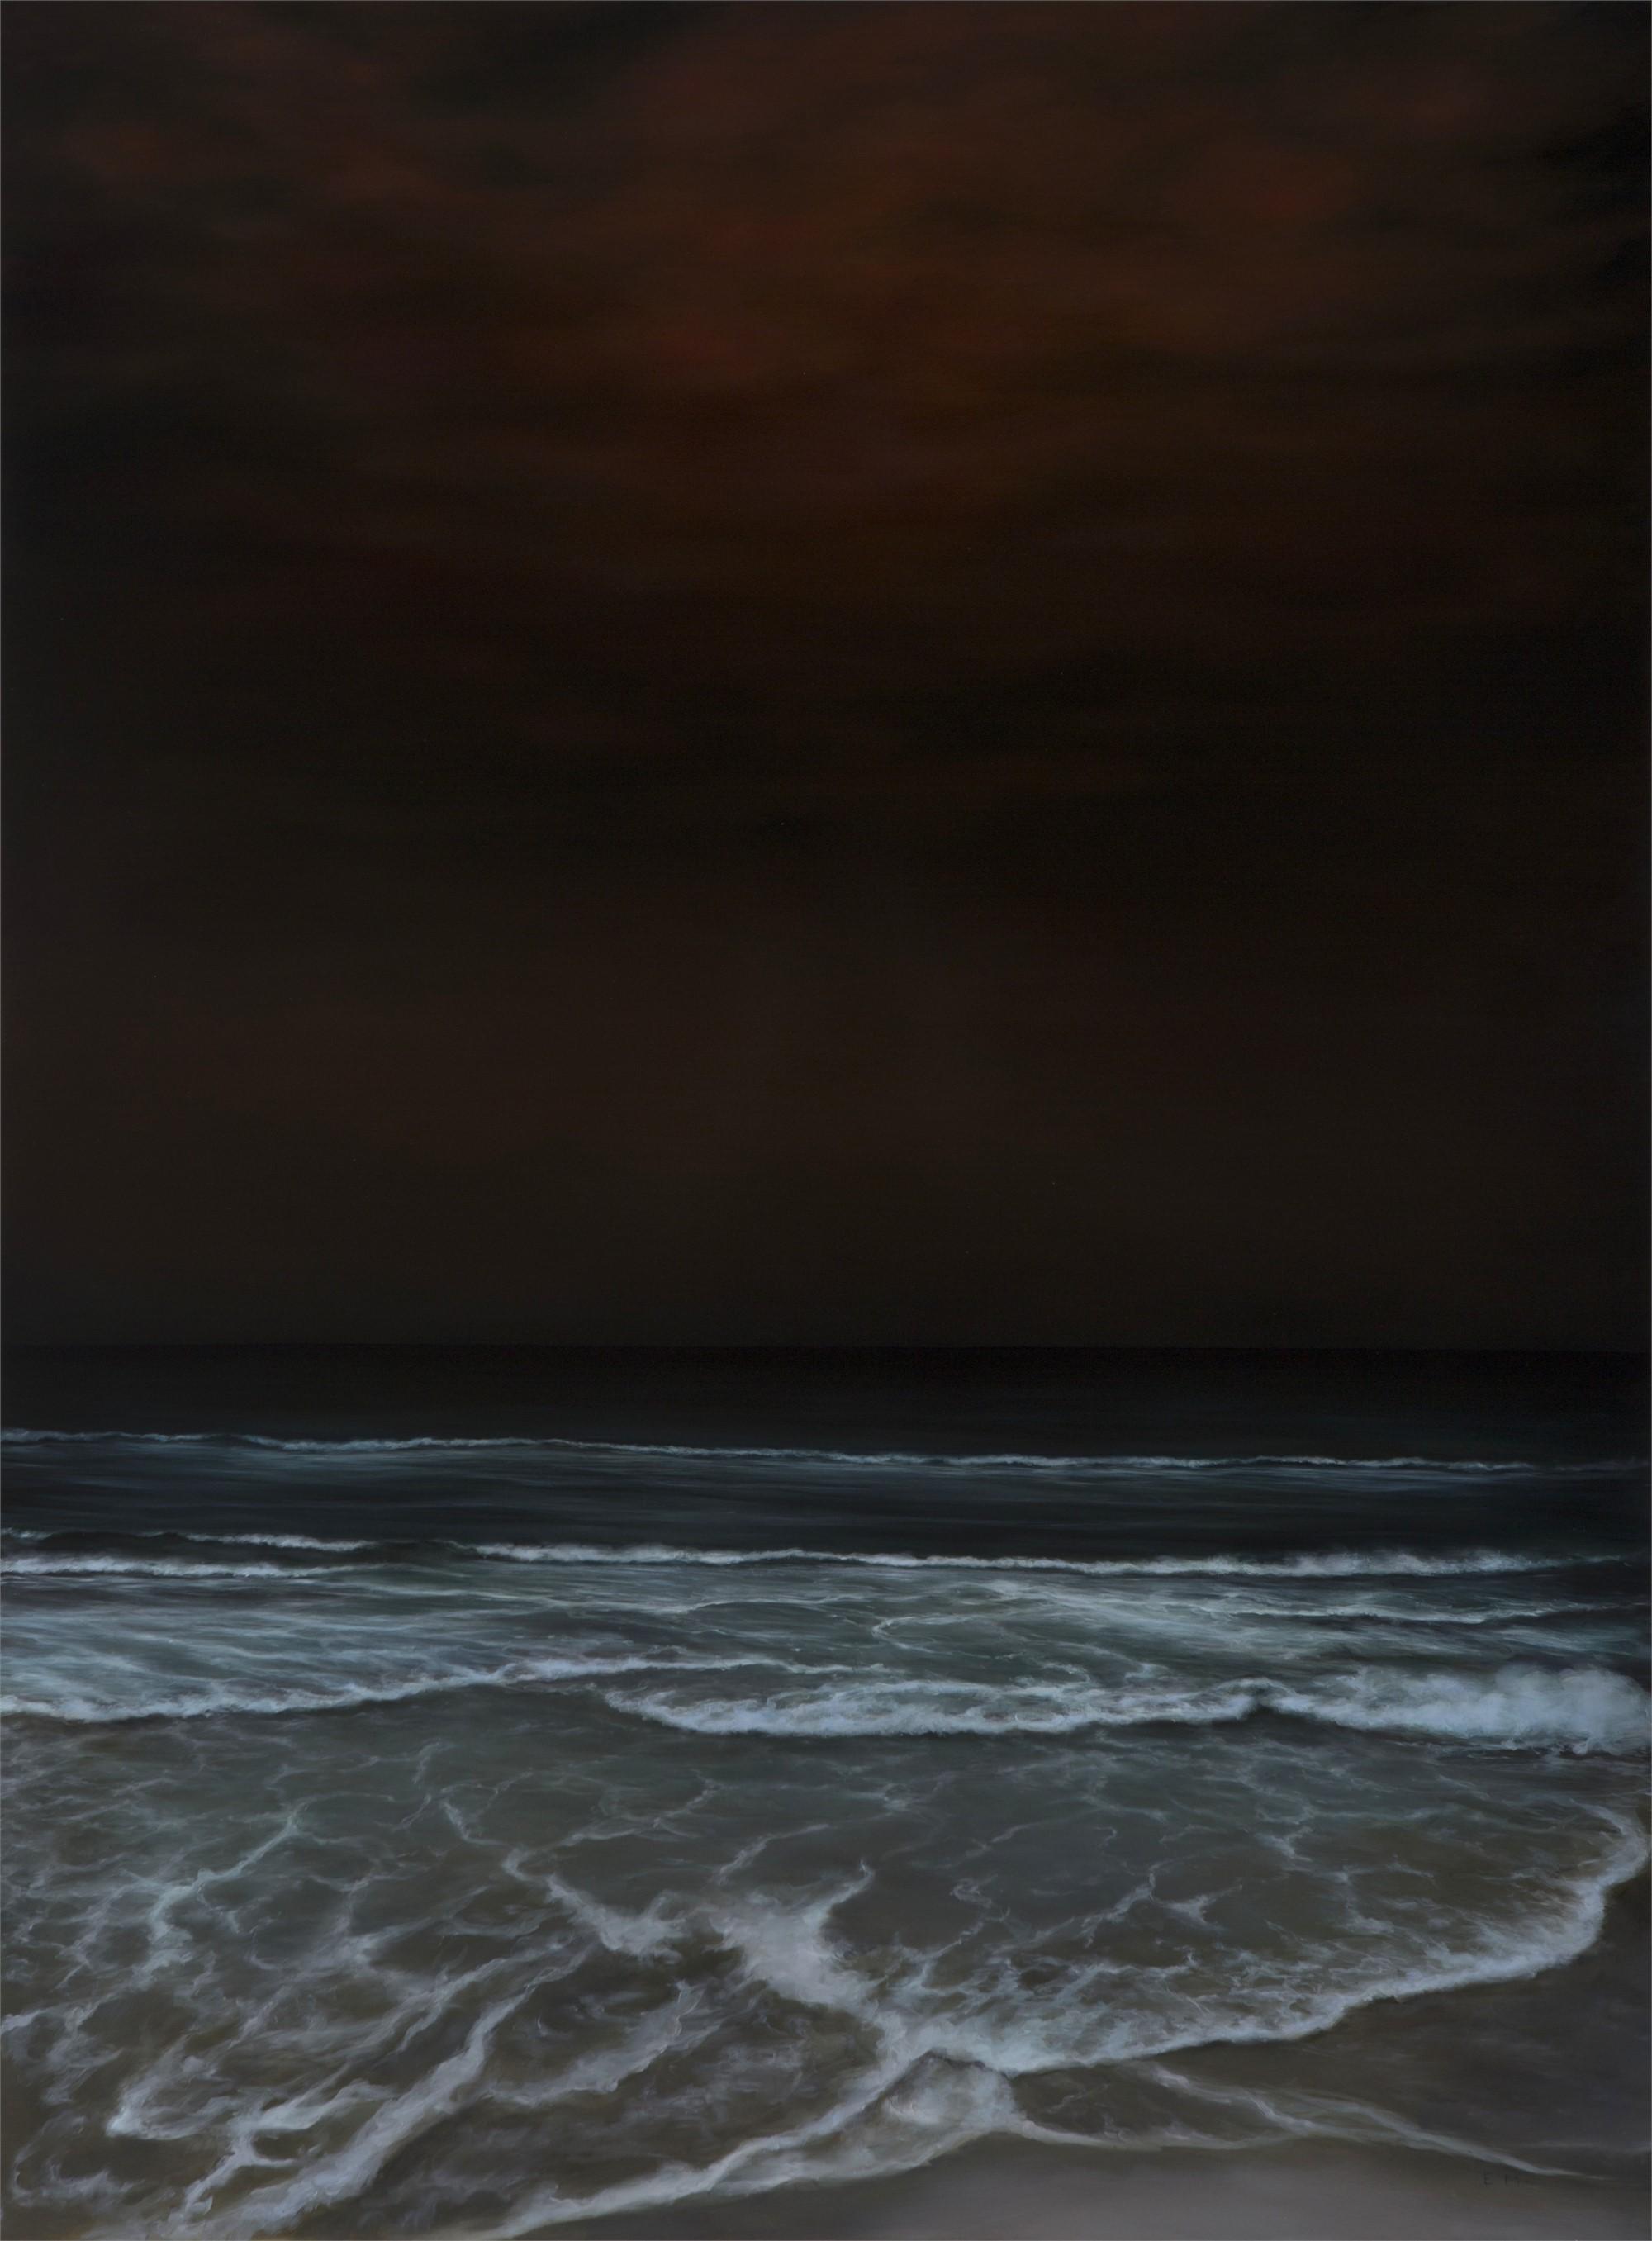 Nightshore 19 by Elsa Muñoz